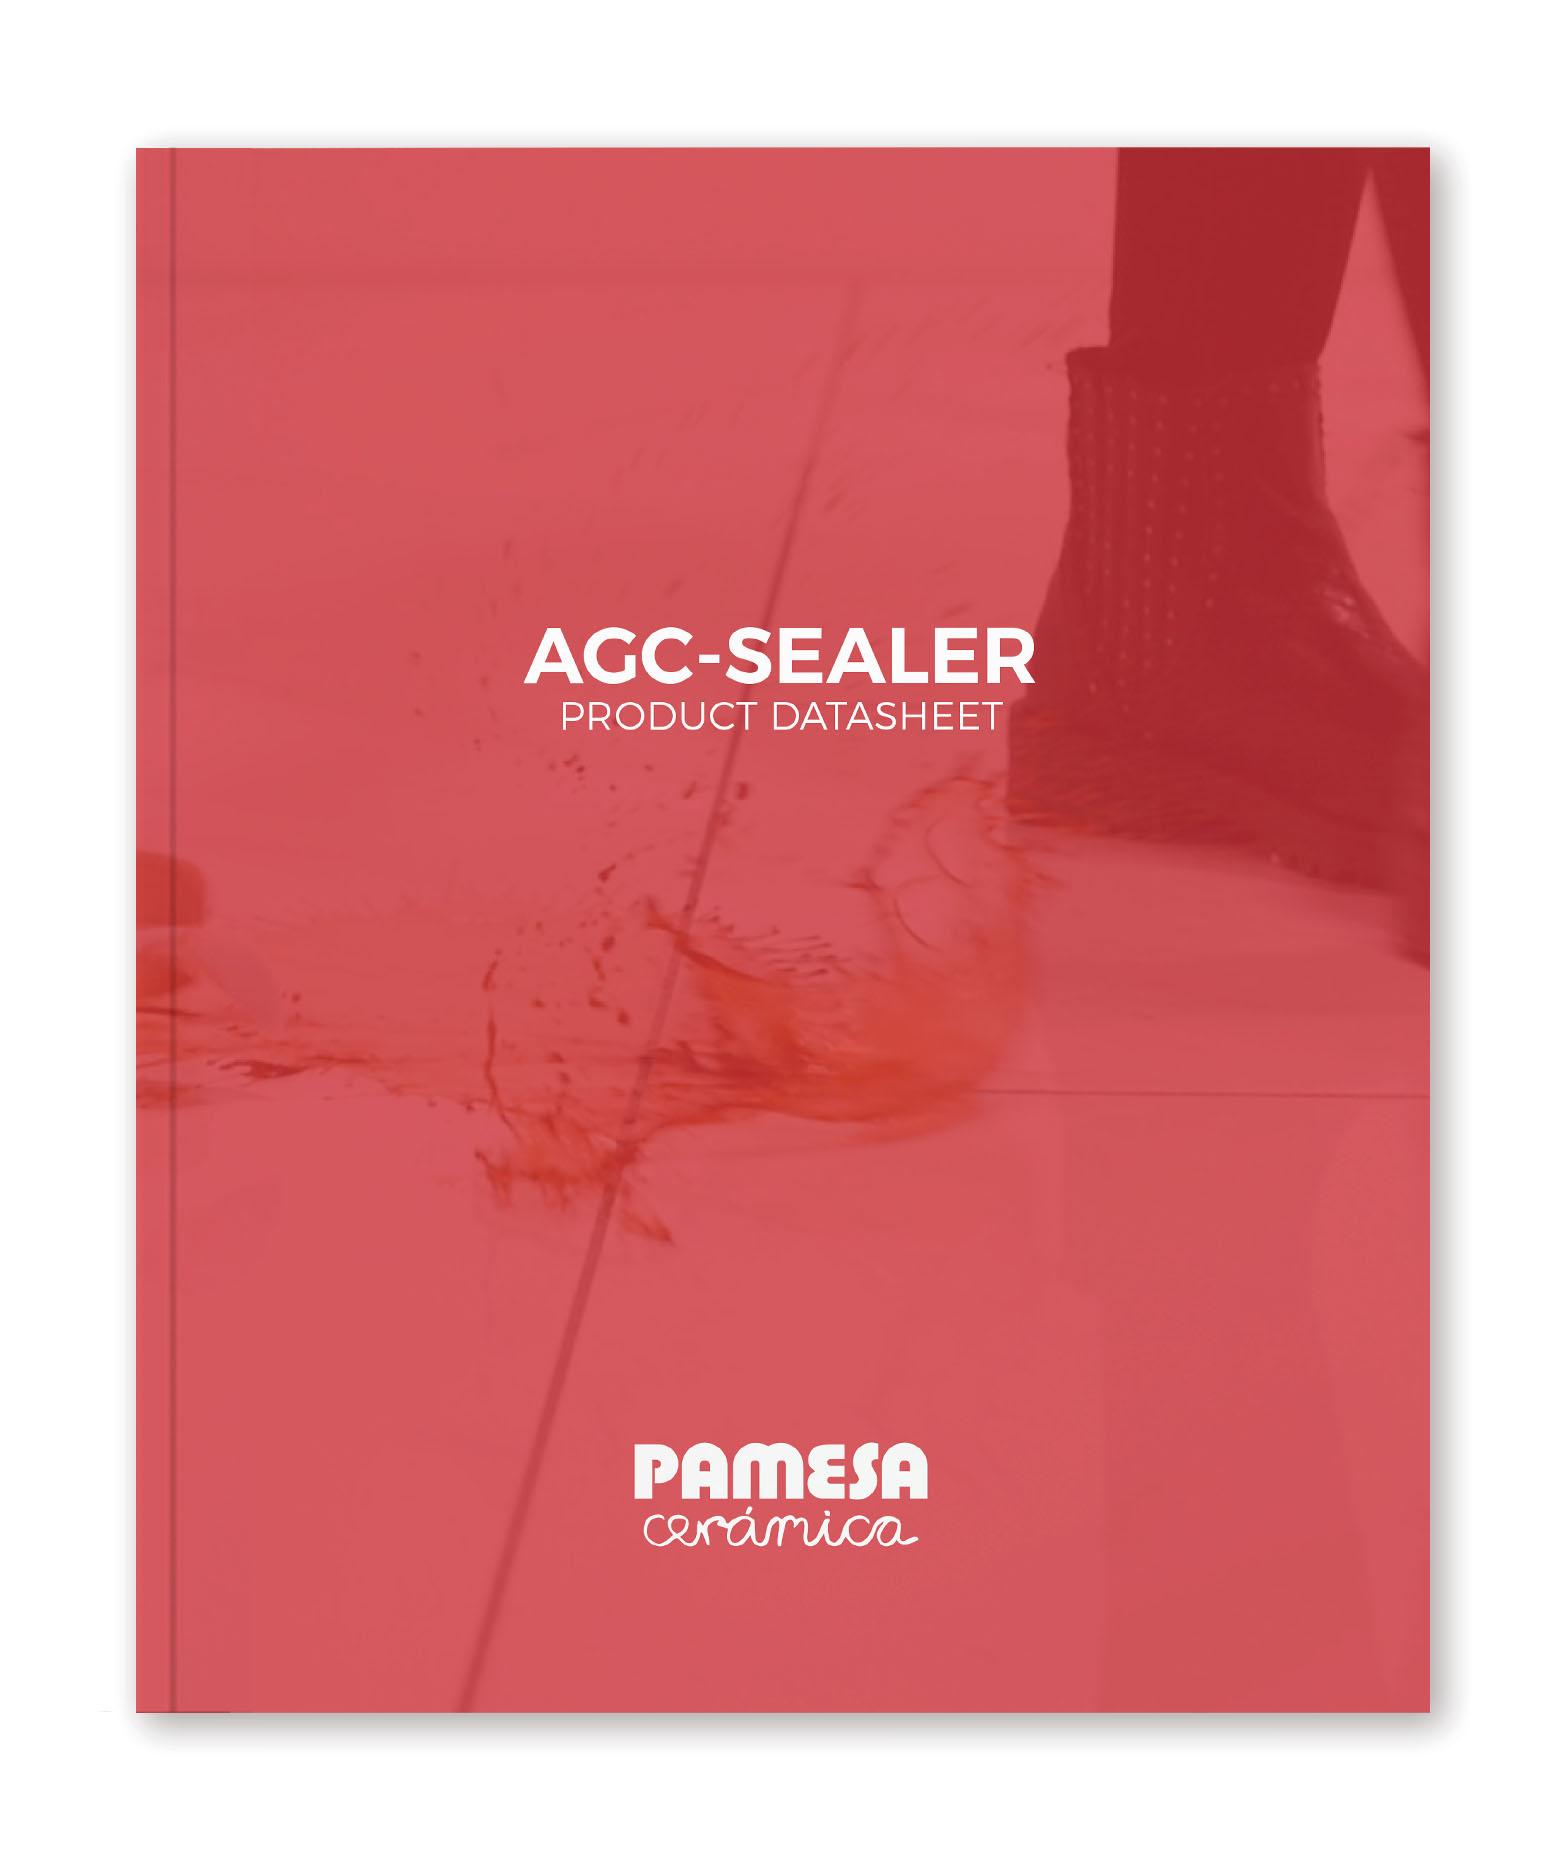 AGC-SEALER